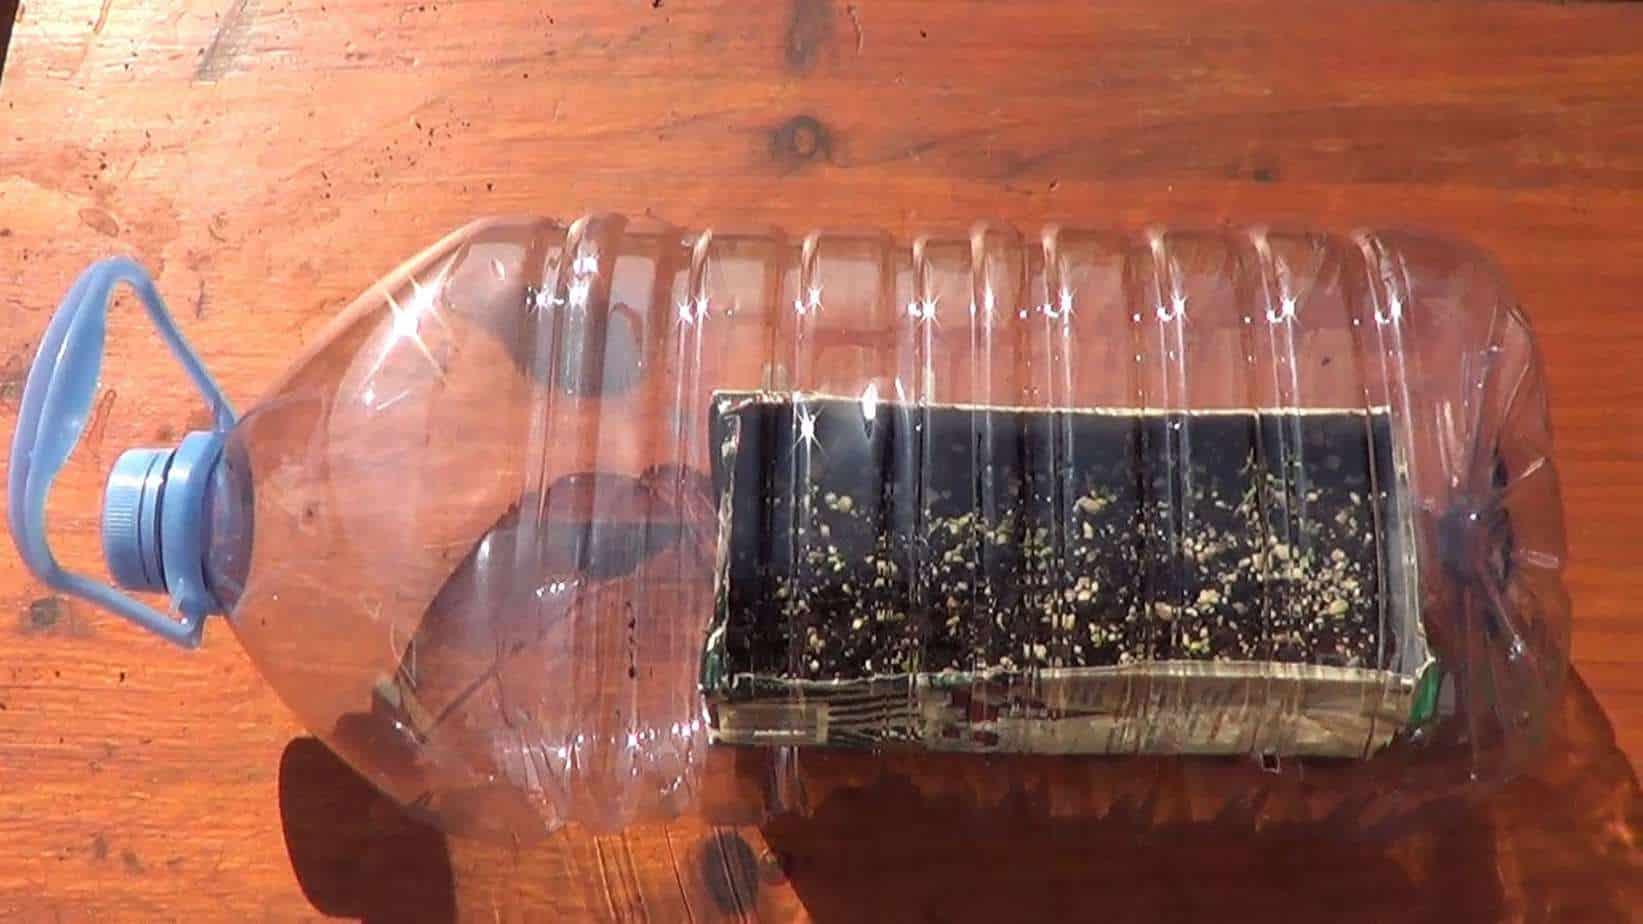 Como sembrar lechuga el semillero ecocosas - Mini invernadero casero ...